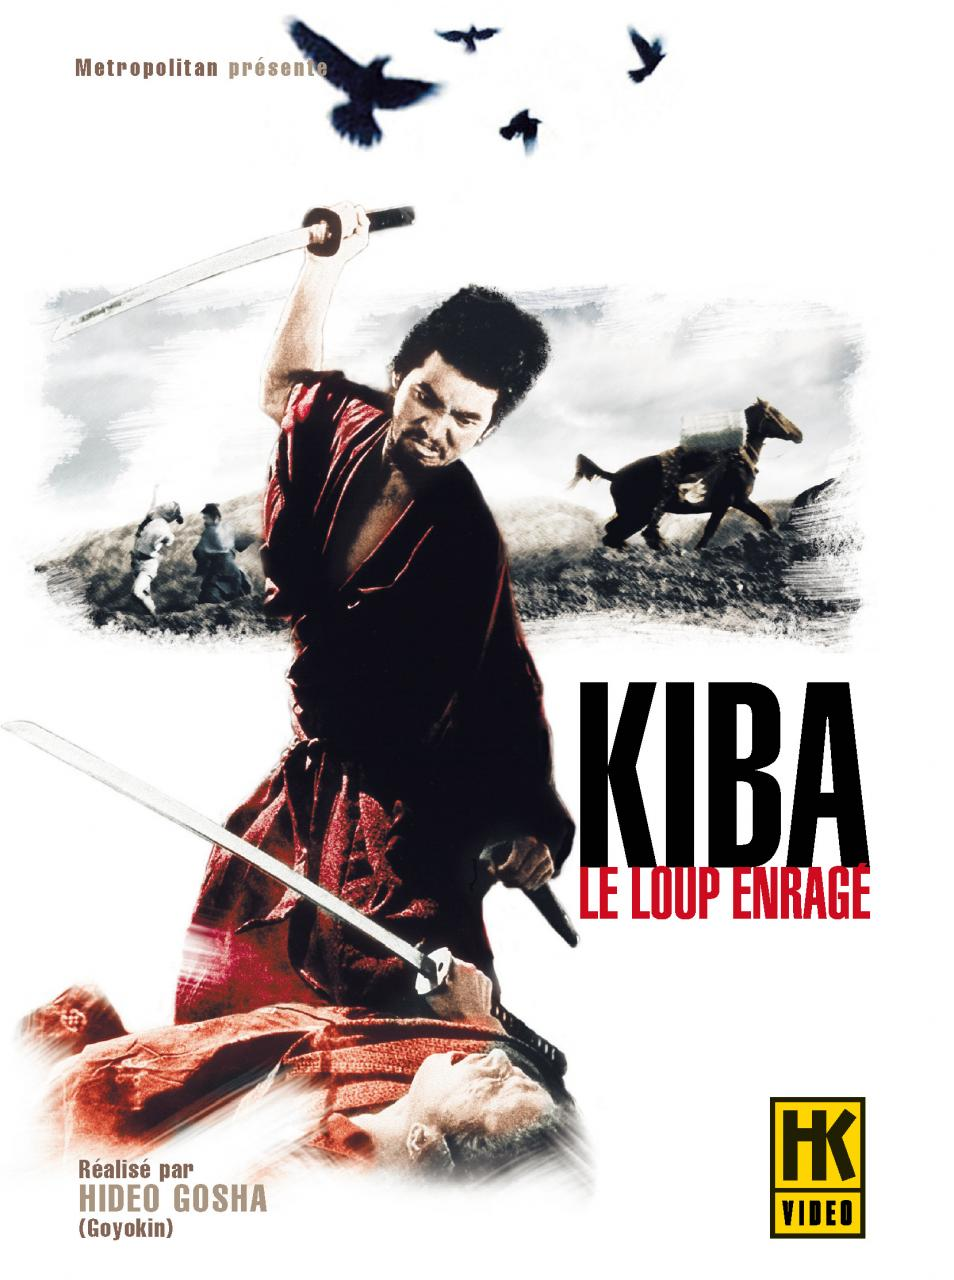 kiba-le-loup-enragc3a9.jpg